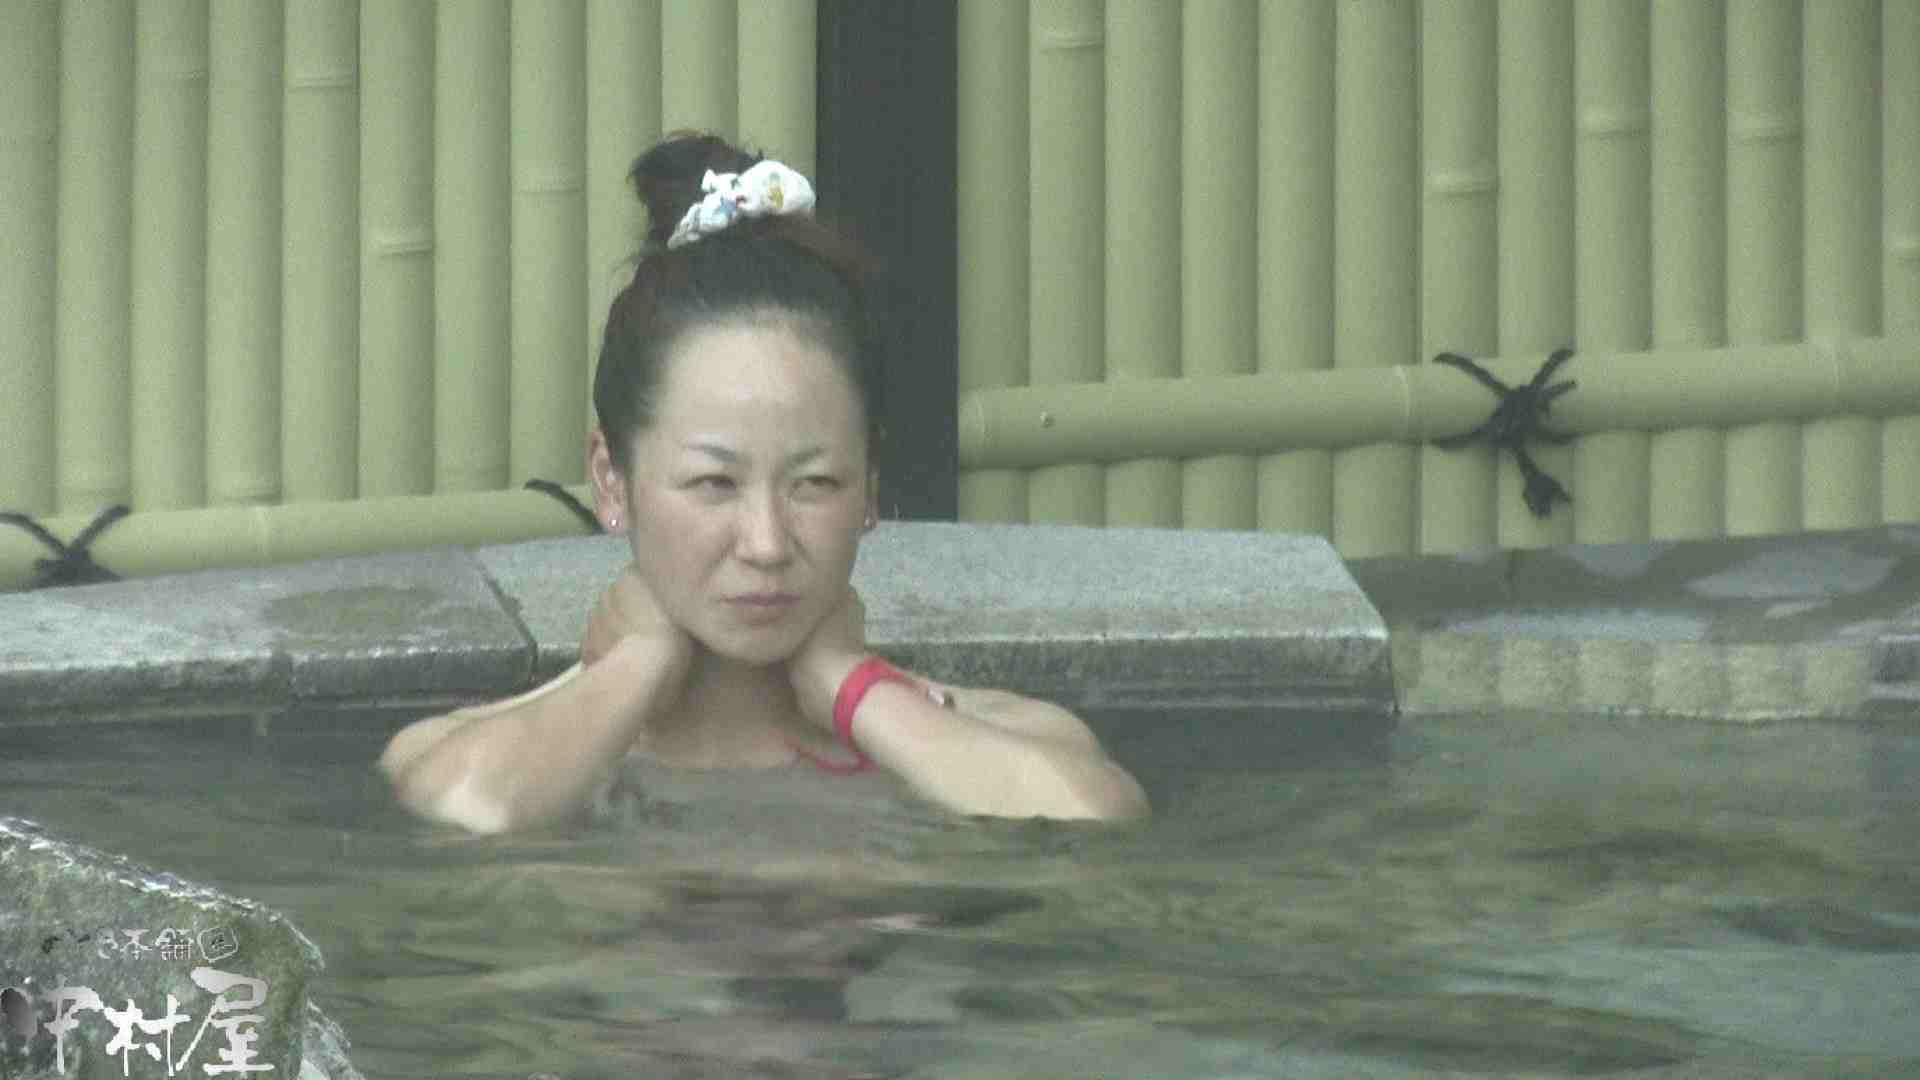 Aquaな露天風呂Vol.911 露天  53Pix 12